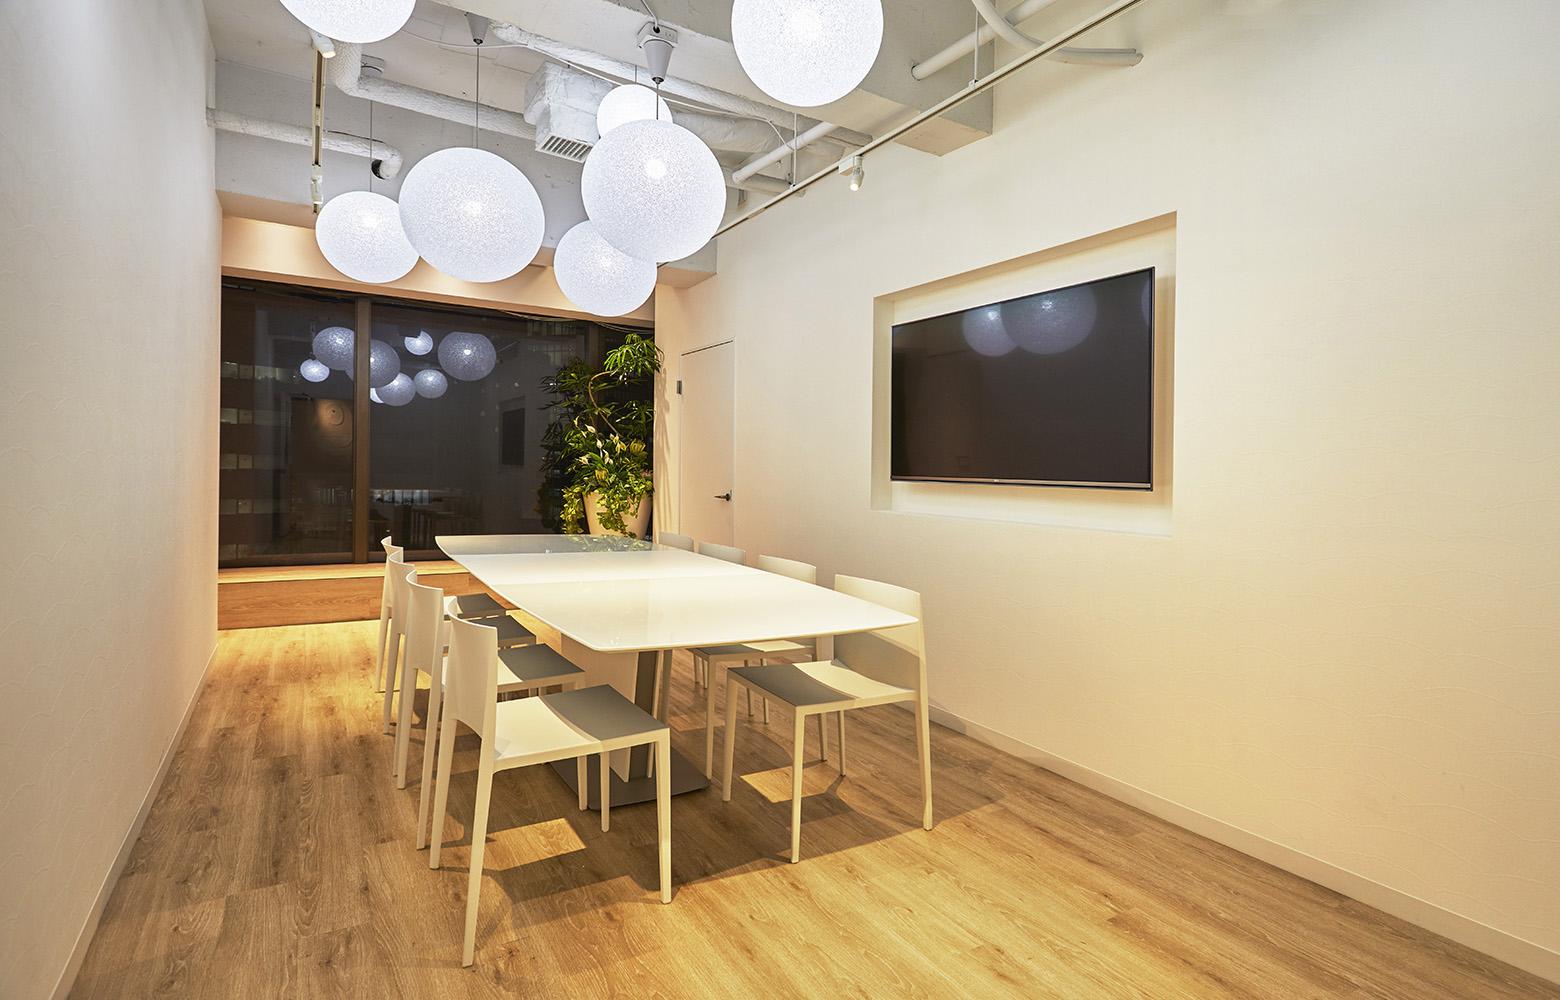 株式会社石原和幸デザイン研究所 Meeting Room_2 デザイン・レイアウト事例